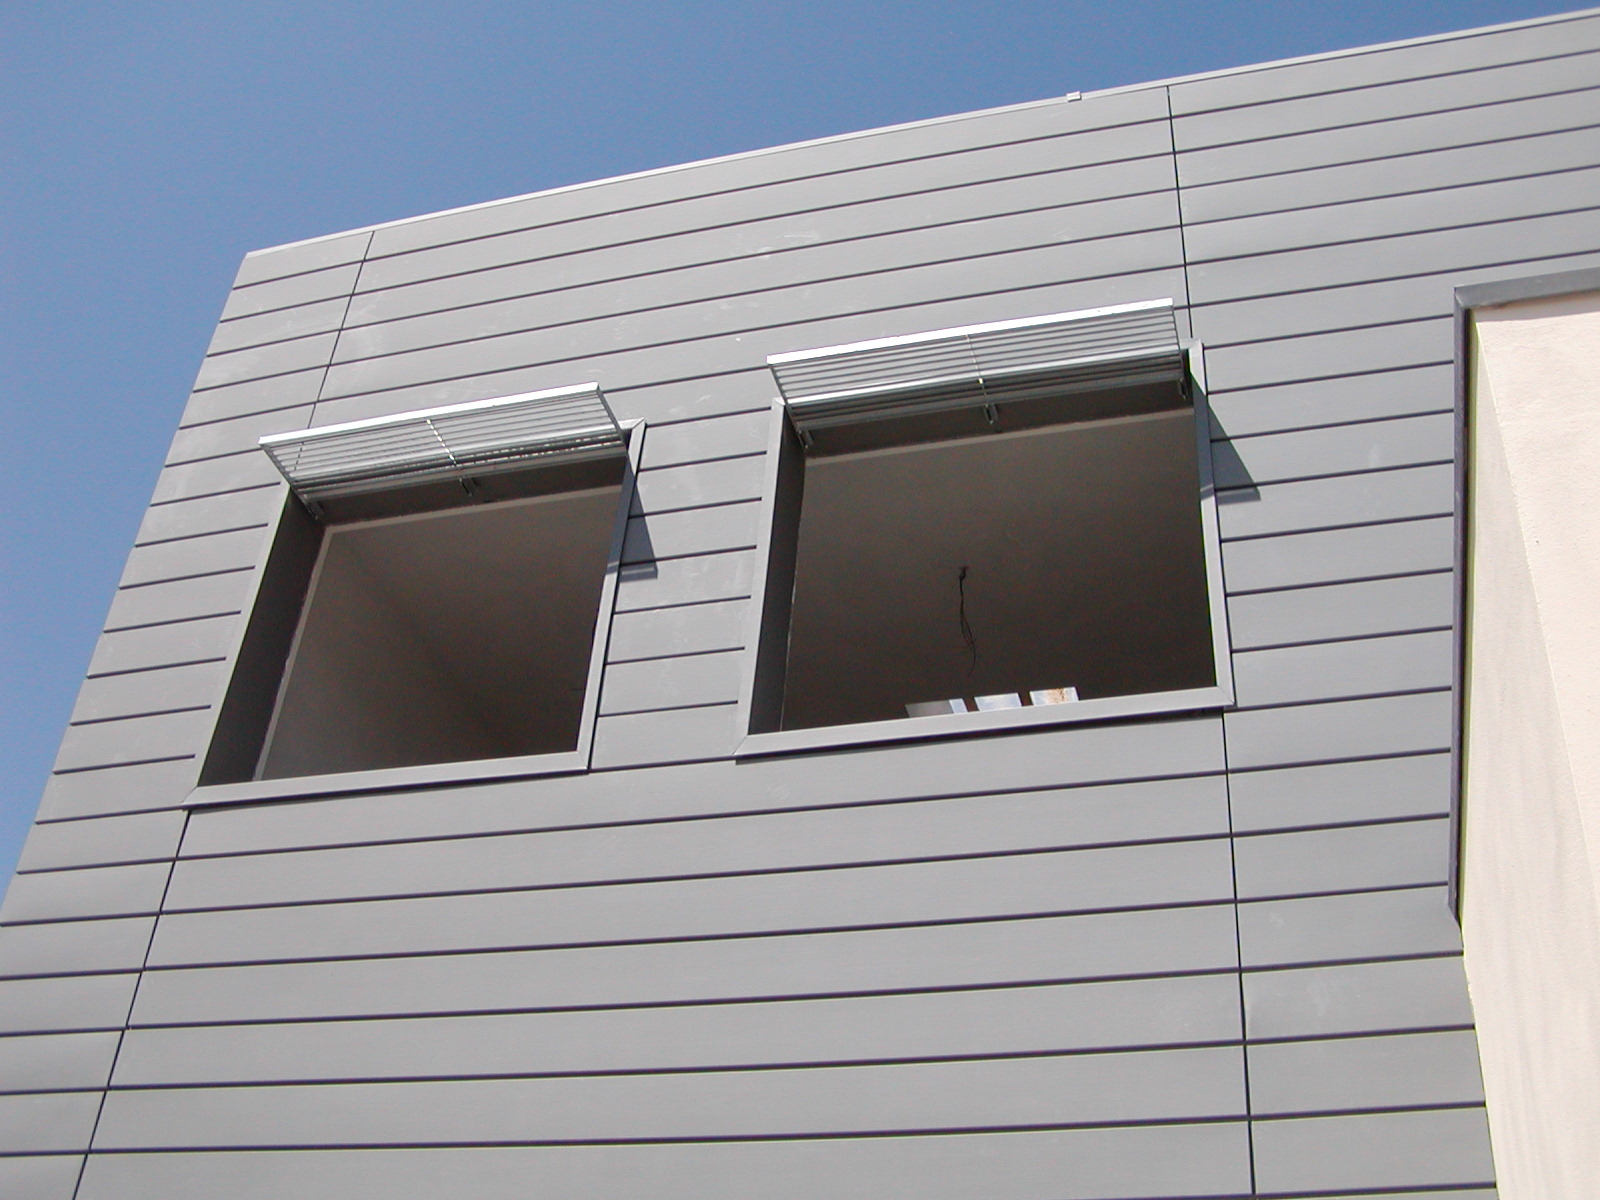 Studio-di-architettura-Baisotti-Sigala-prgetti17